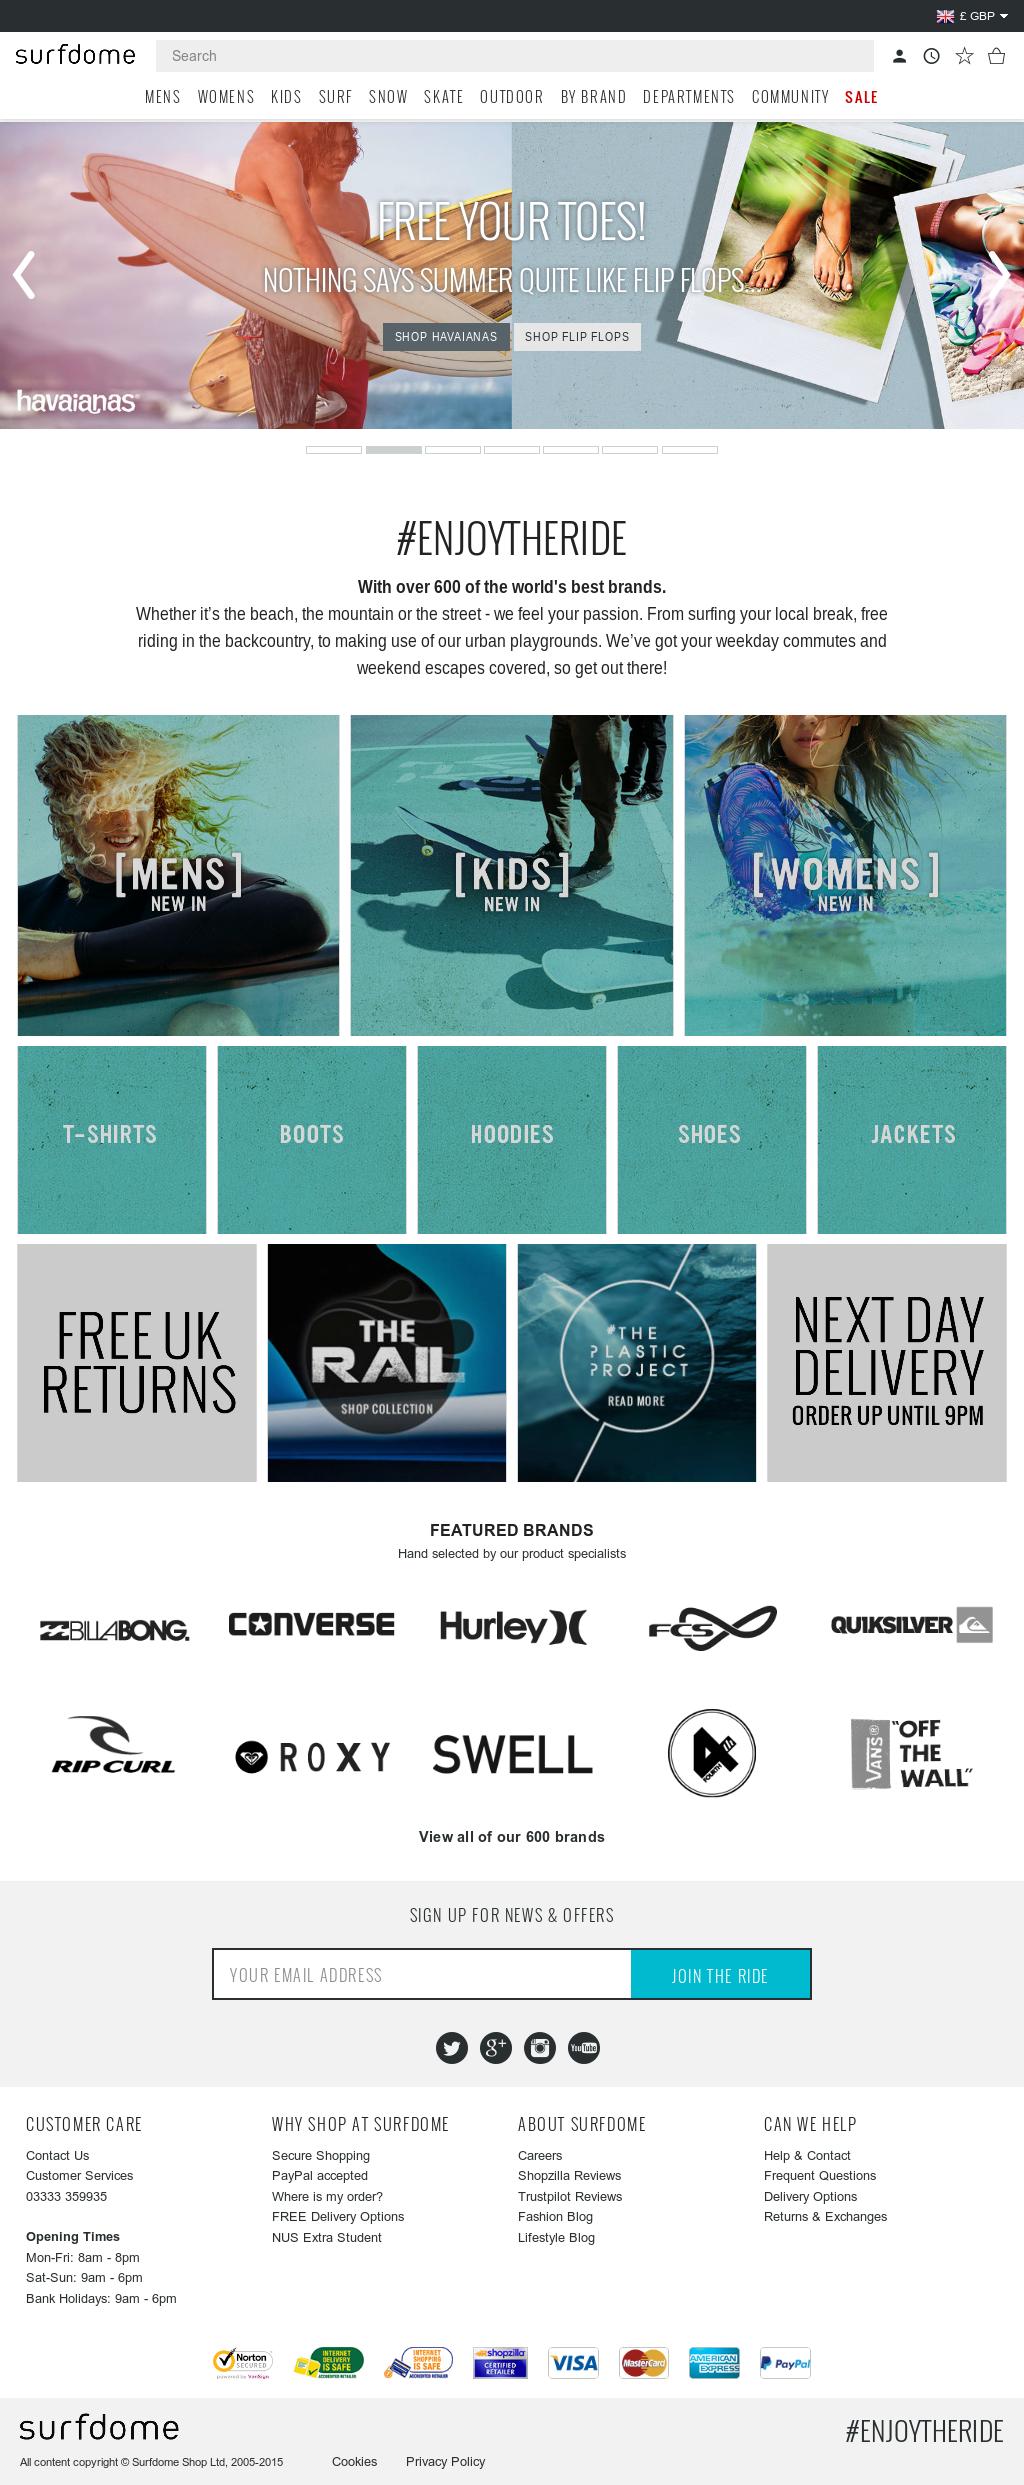 Surfdome Competitors 936126e9a0fd3